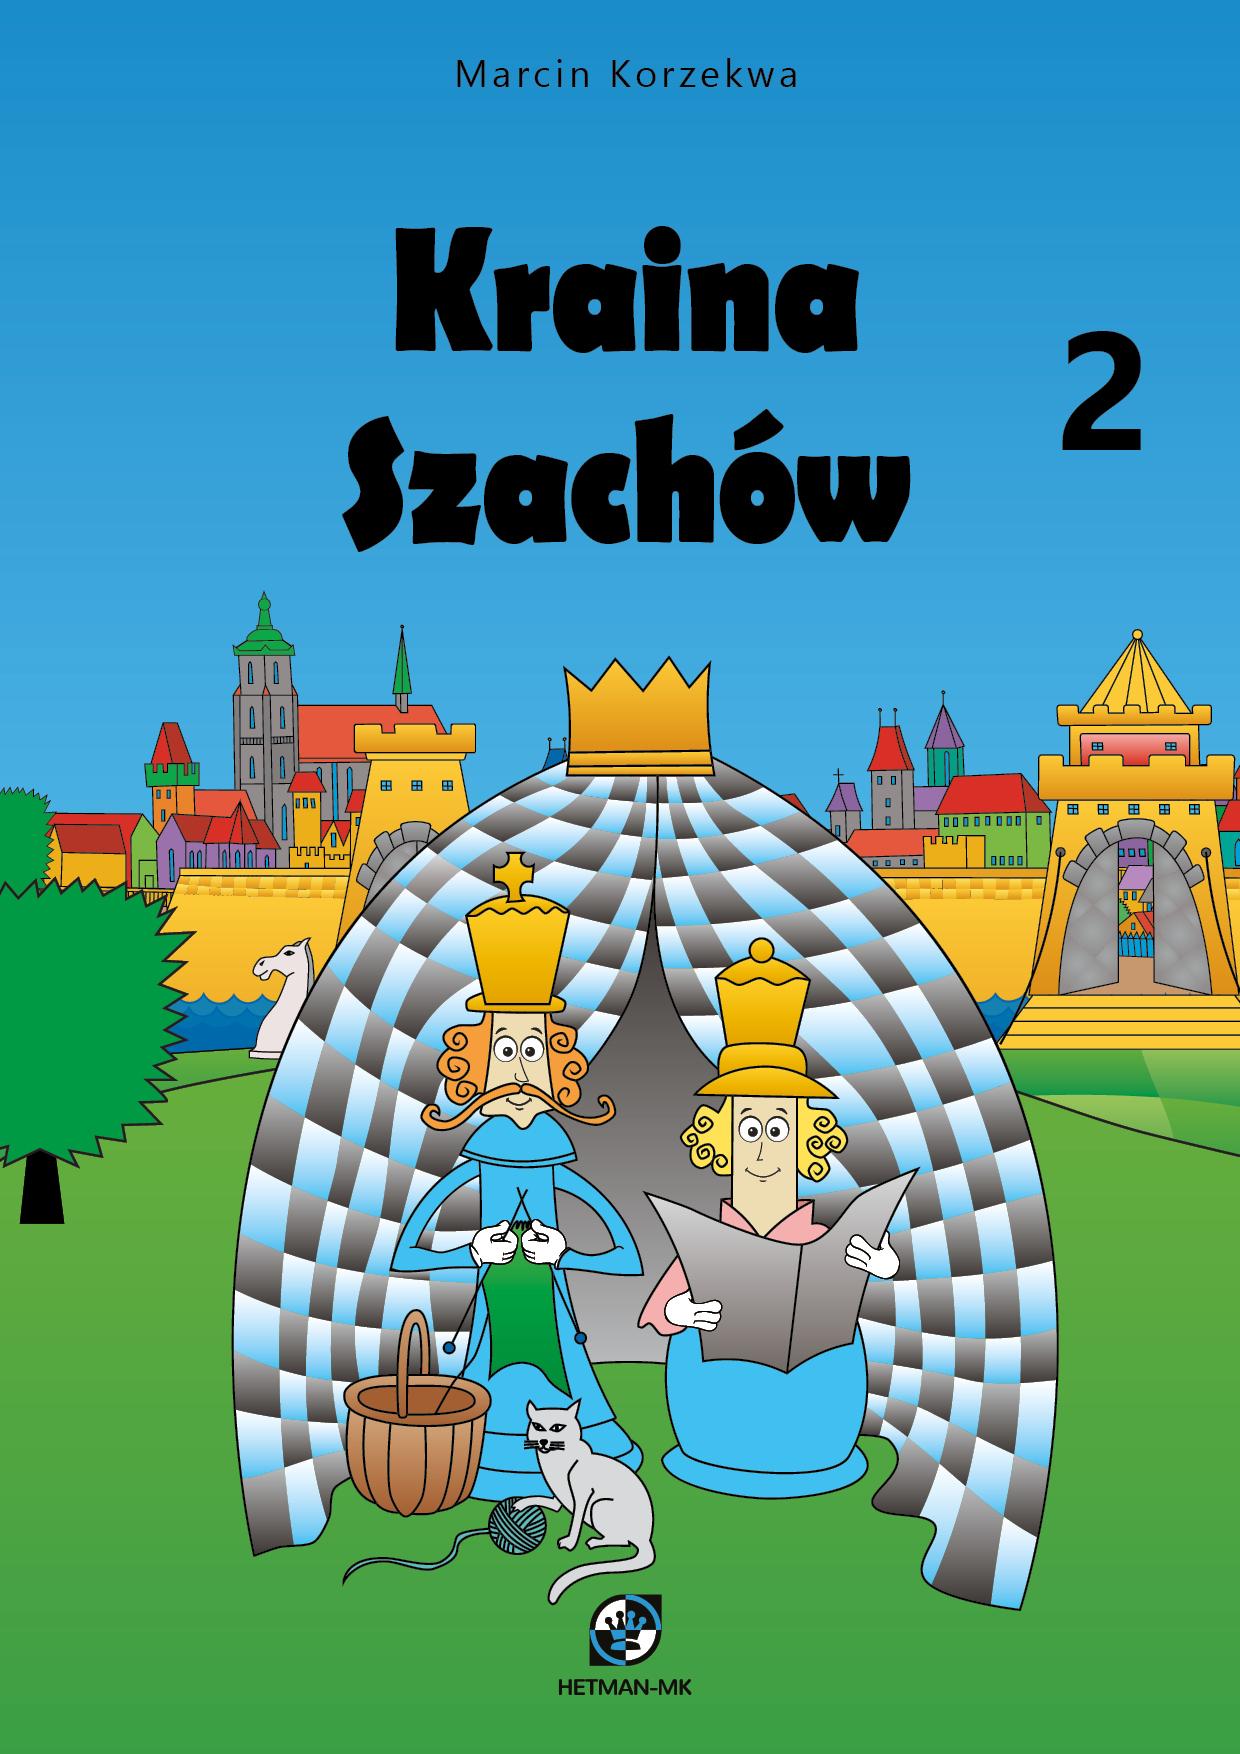 Kraina Szachów 2 IV 2020